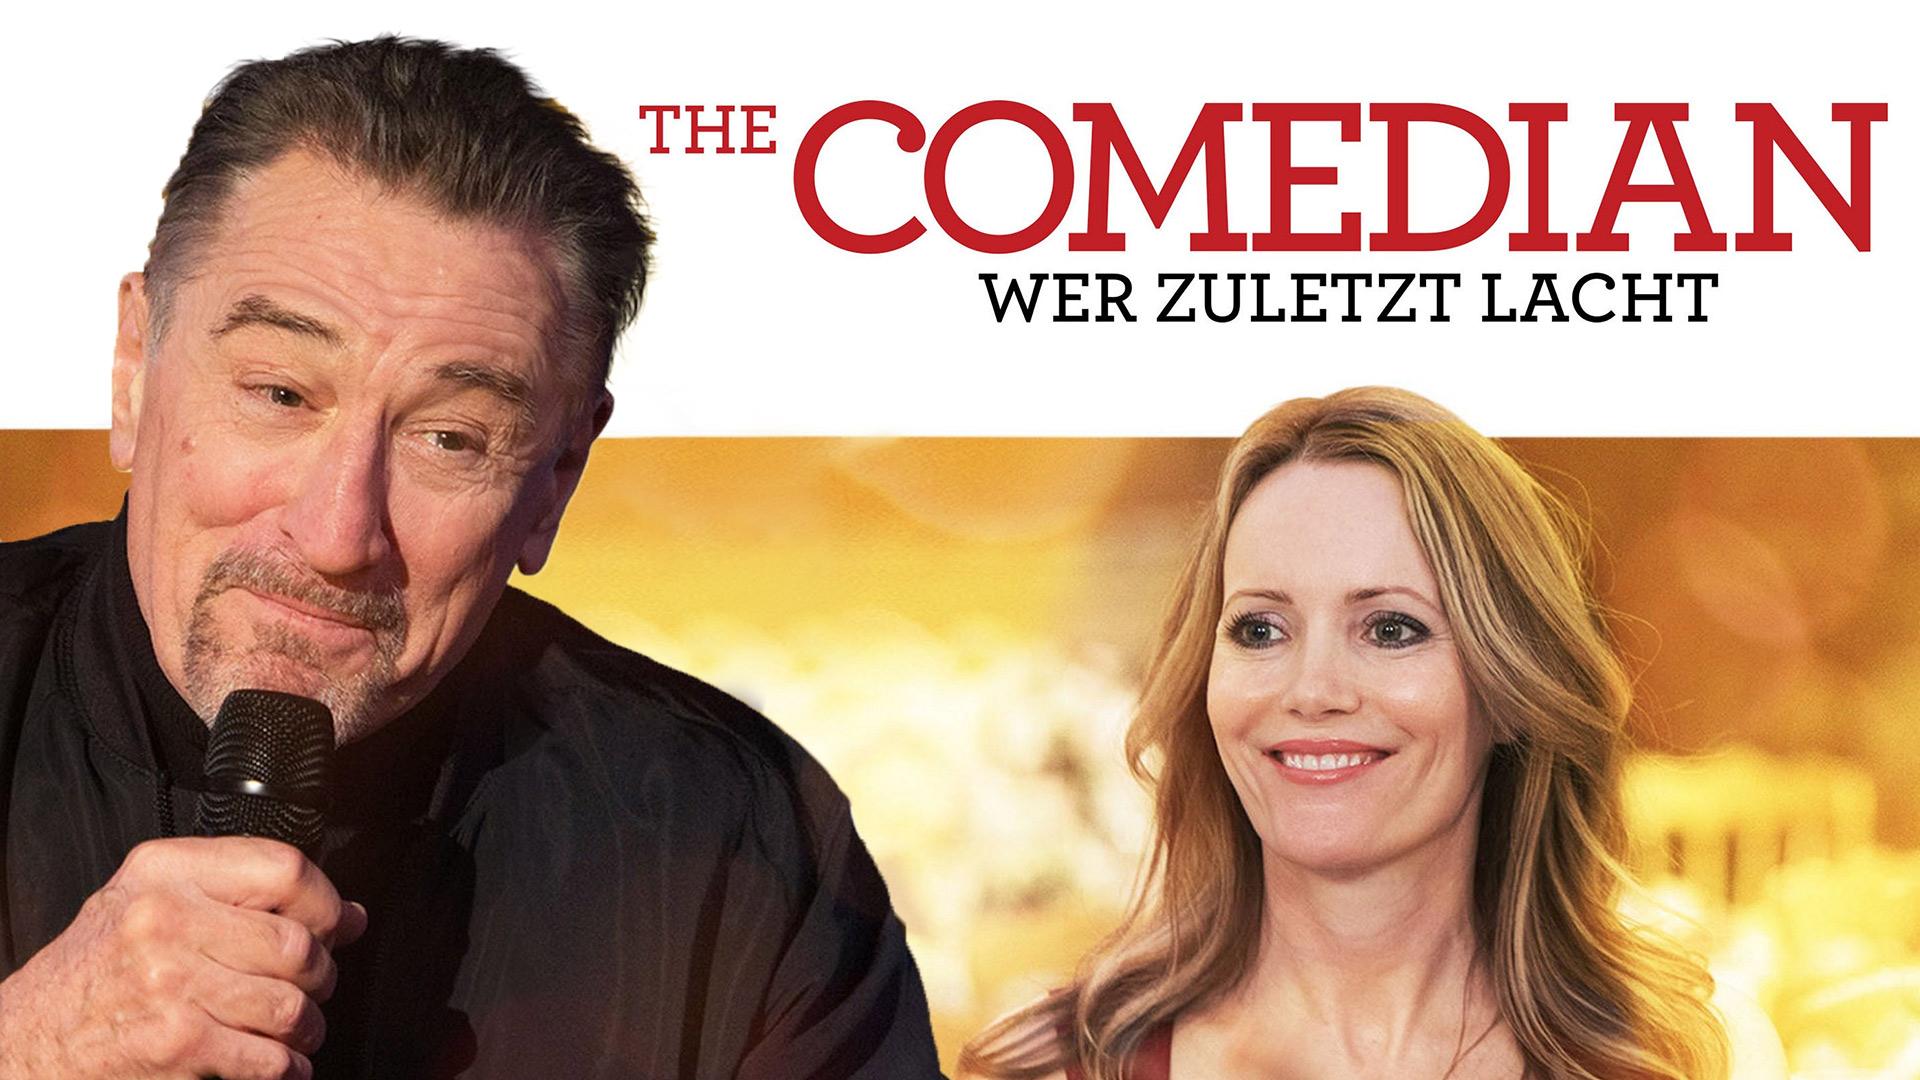 The Comedian: Wer zuletzt lacht [dt./OV]